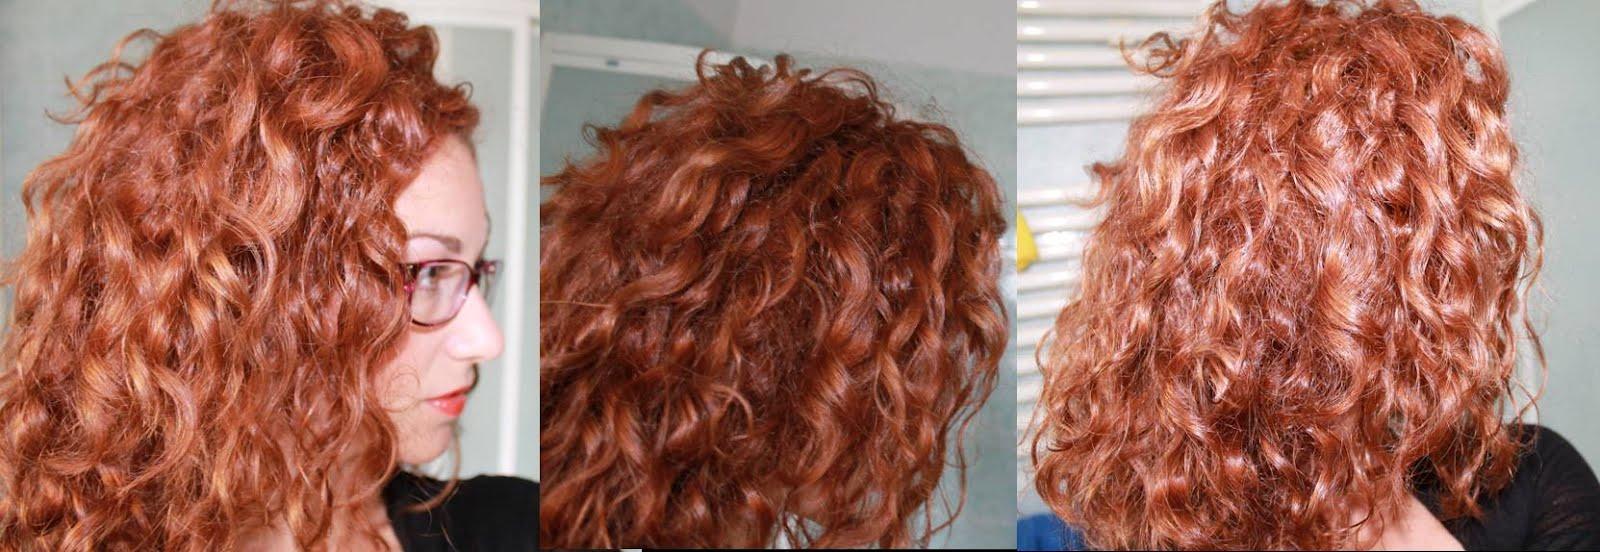 Il Blog Di Alidinamos Trattamento Cheratina Hairmed